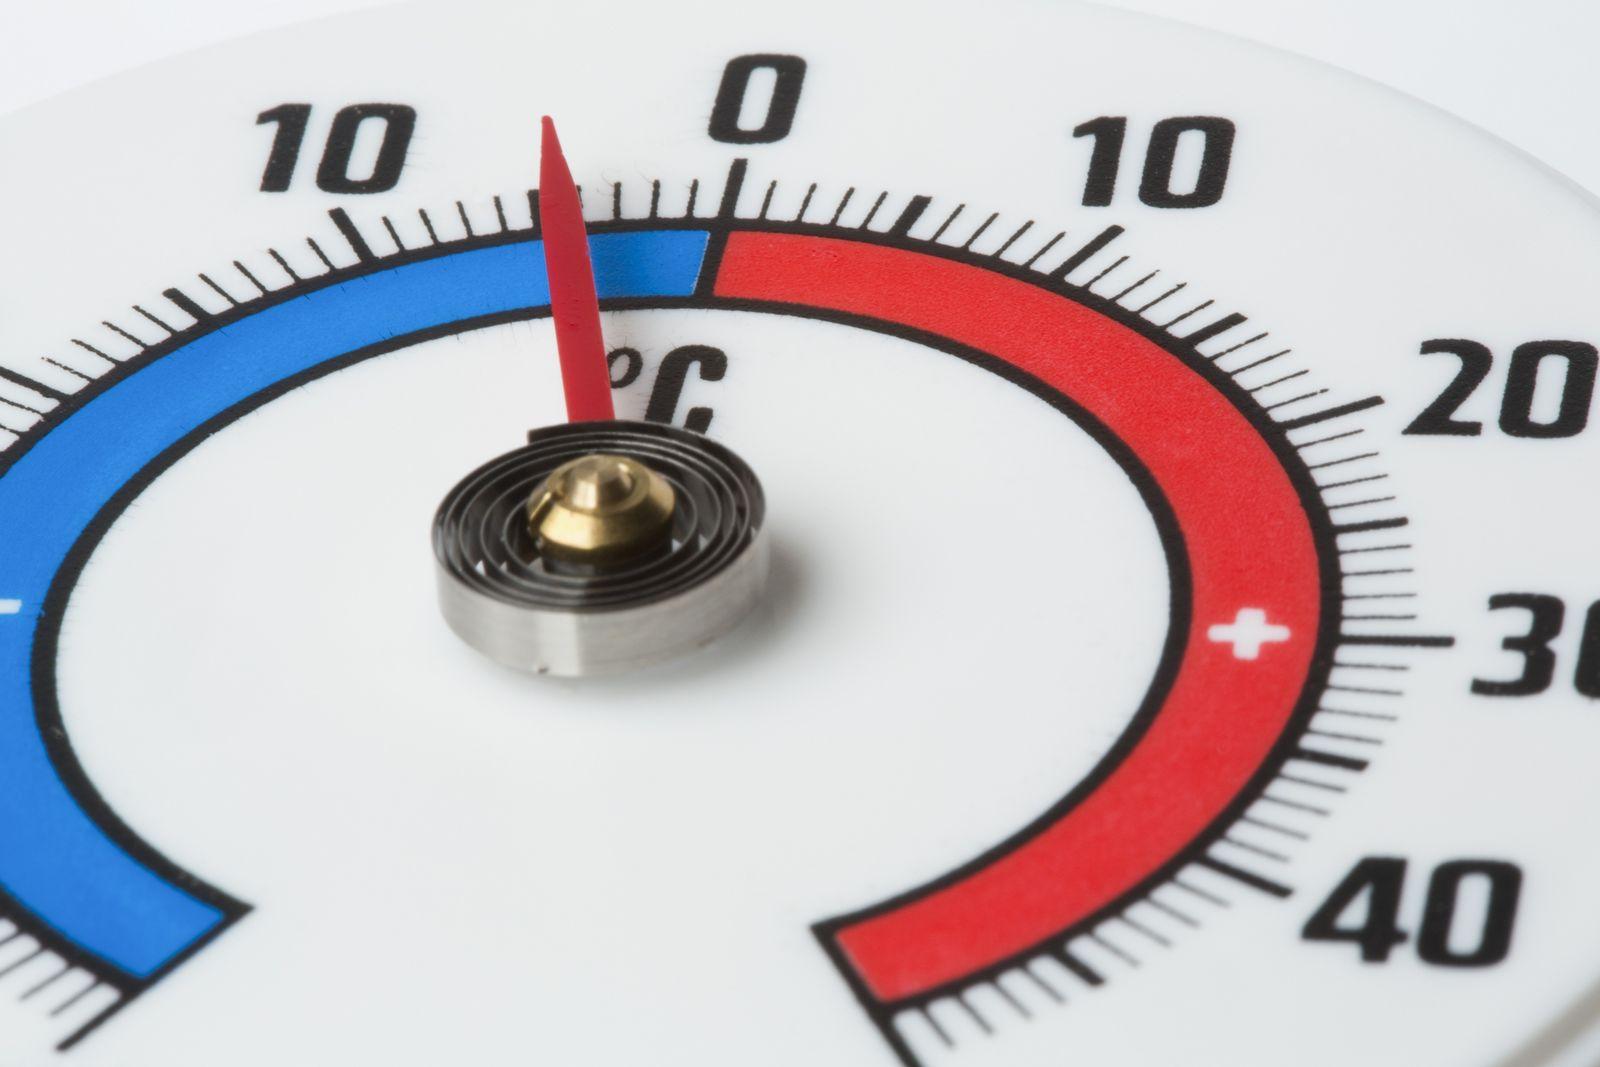 NICHT MEHR VERWENDEN! - Thermometer